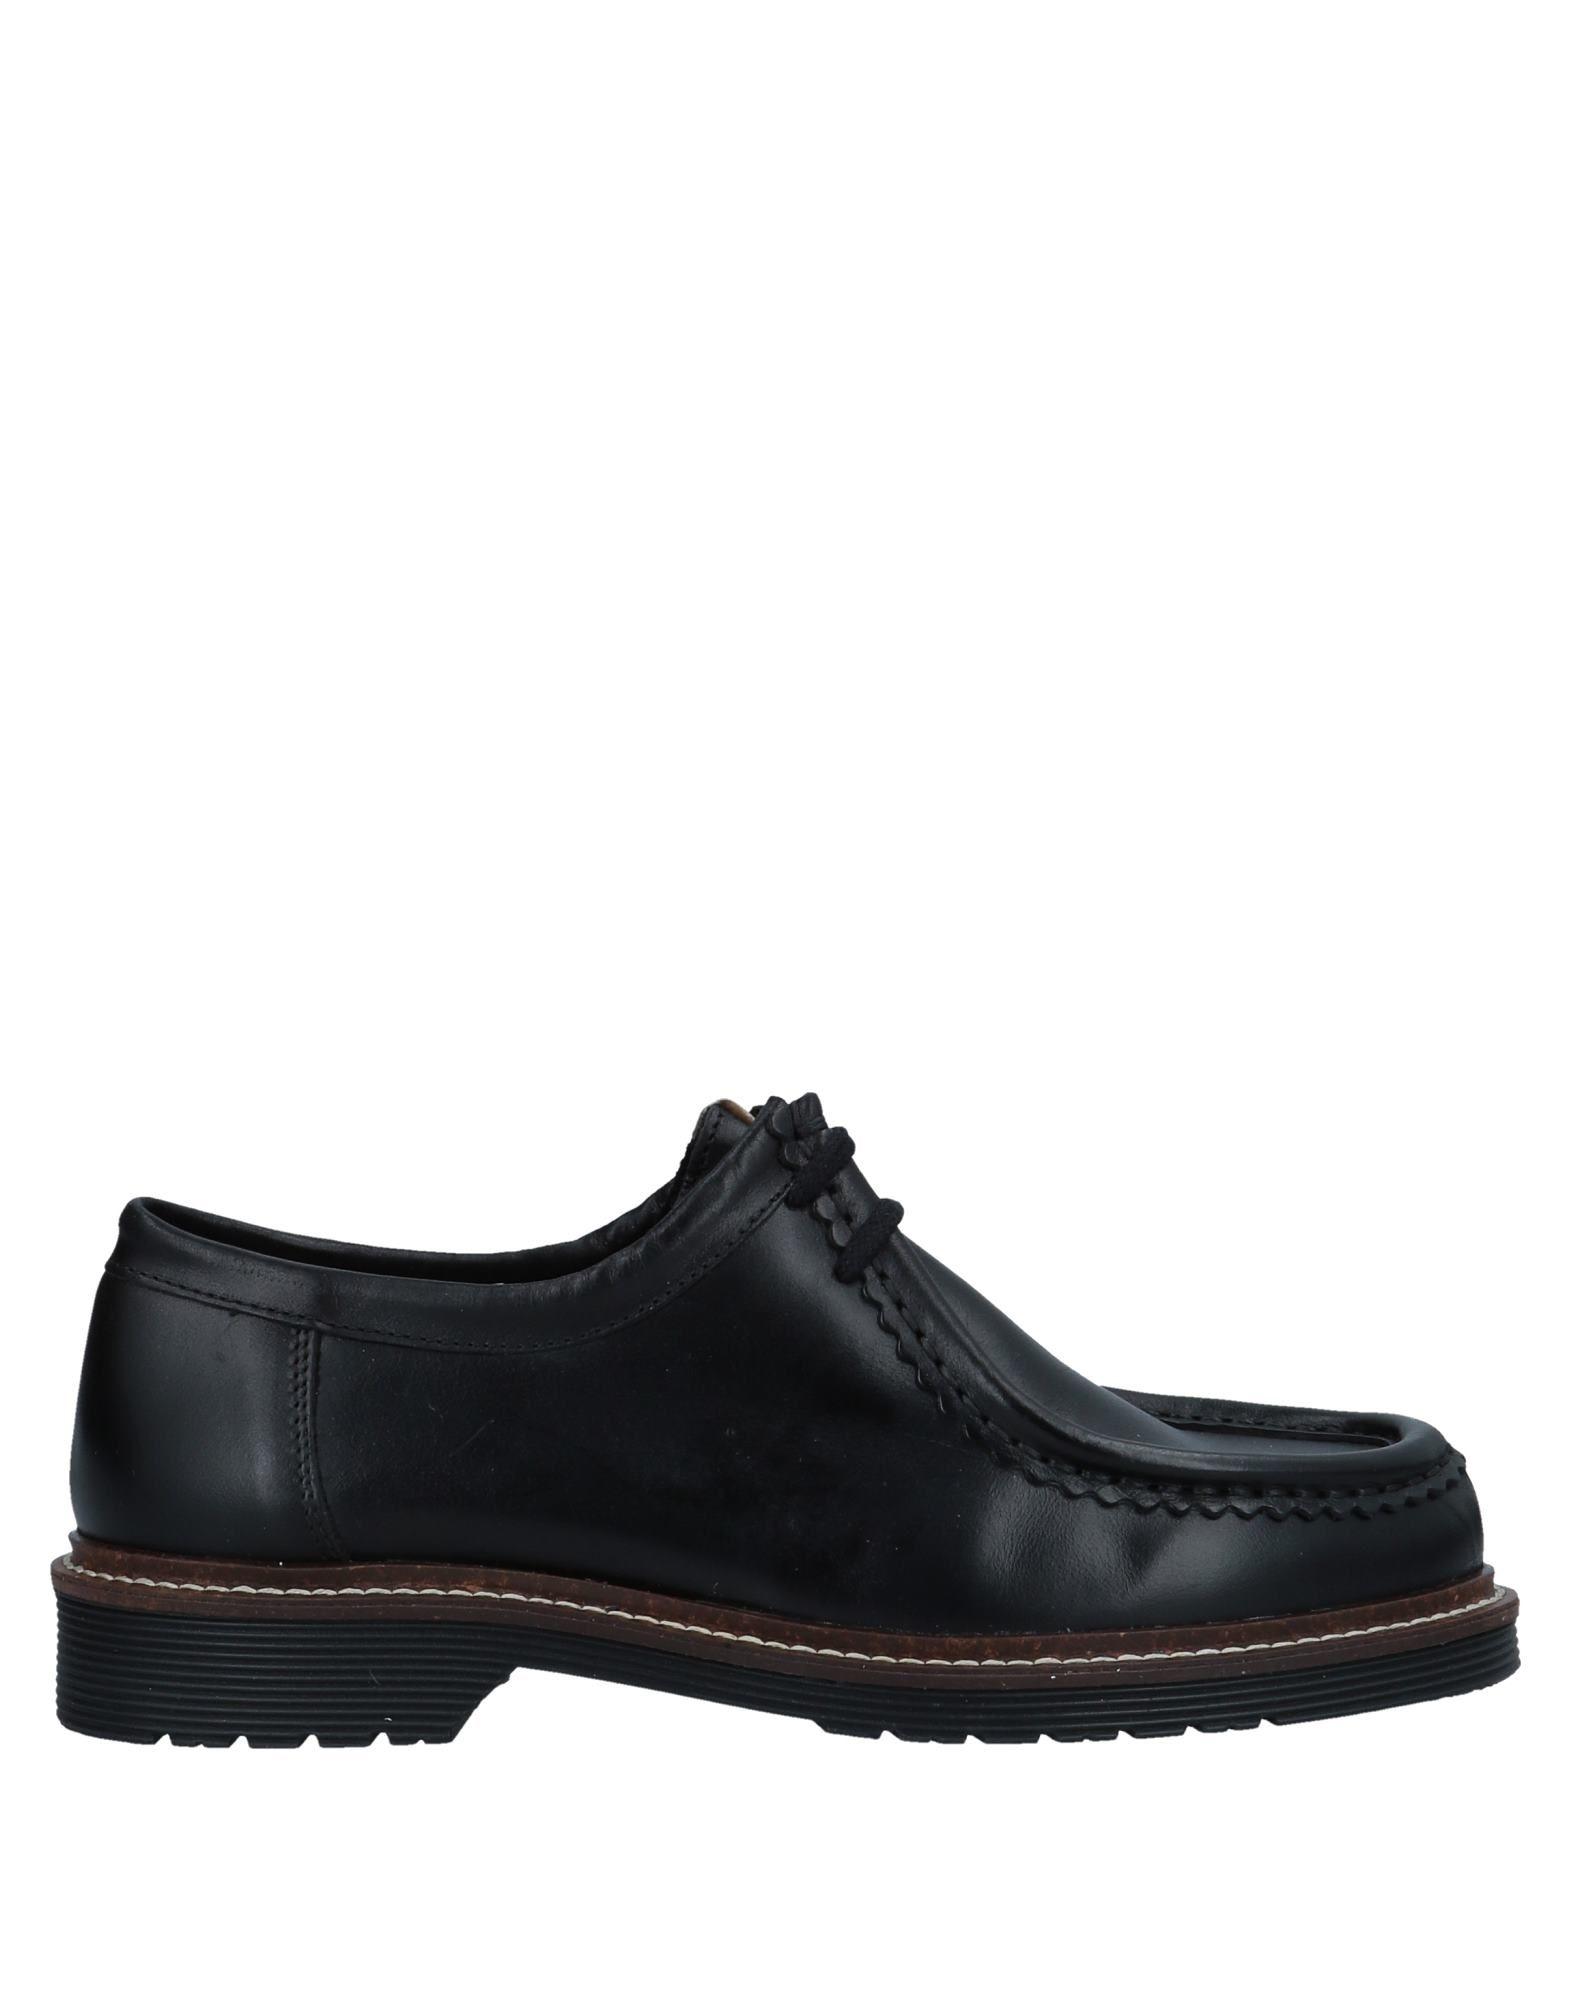 Maians Schnürschuhe Damen  11551889NR Gute Qualität beliebte Schuhe